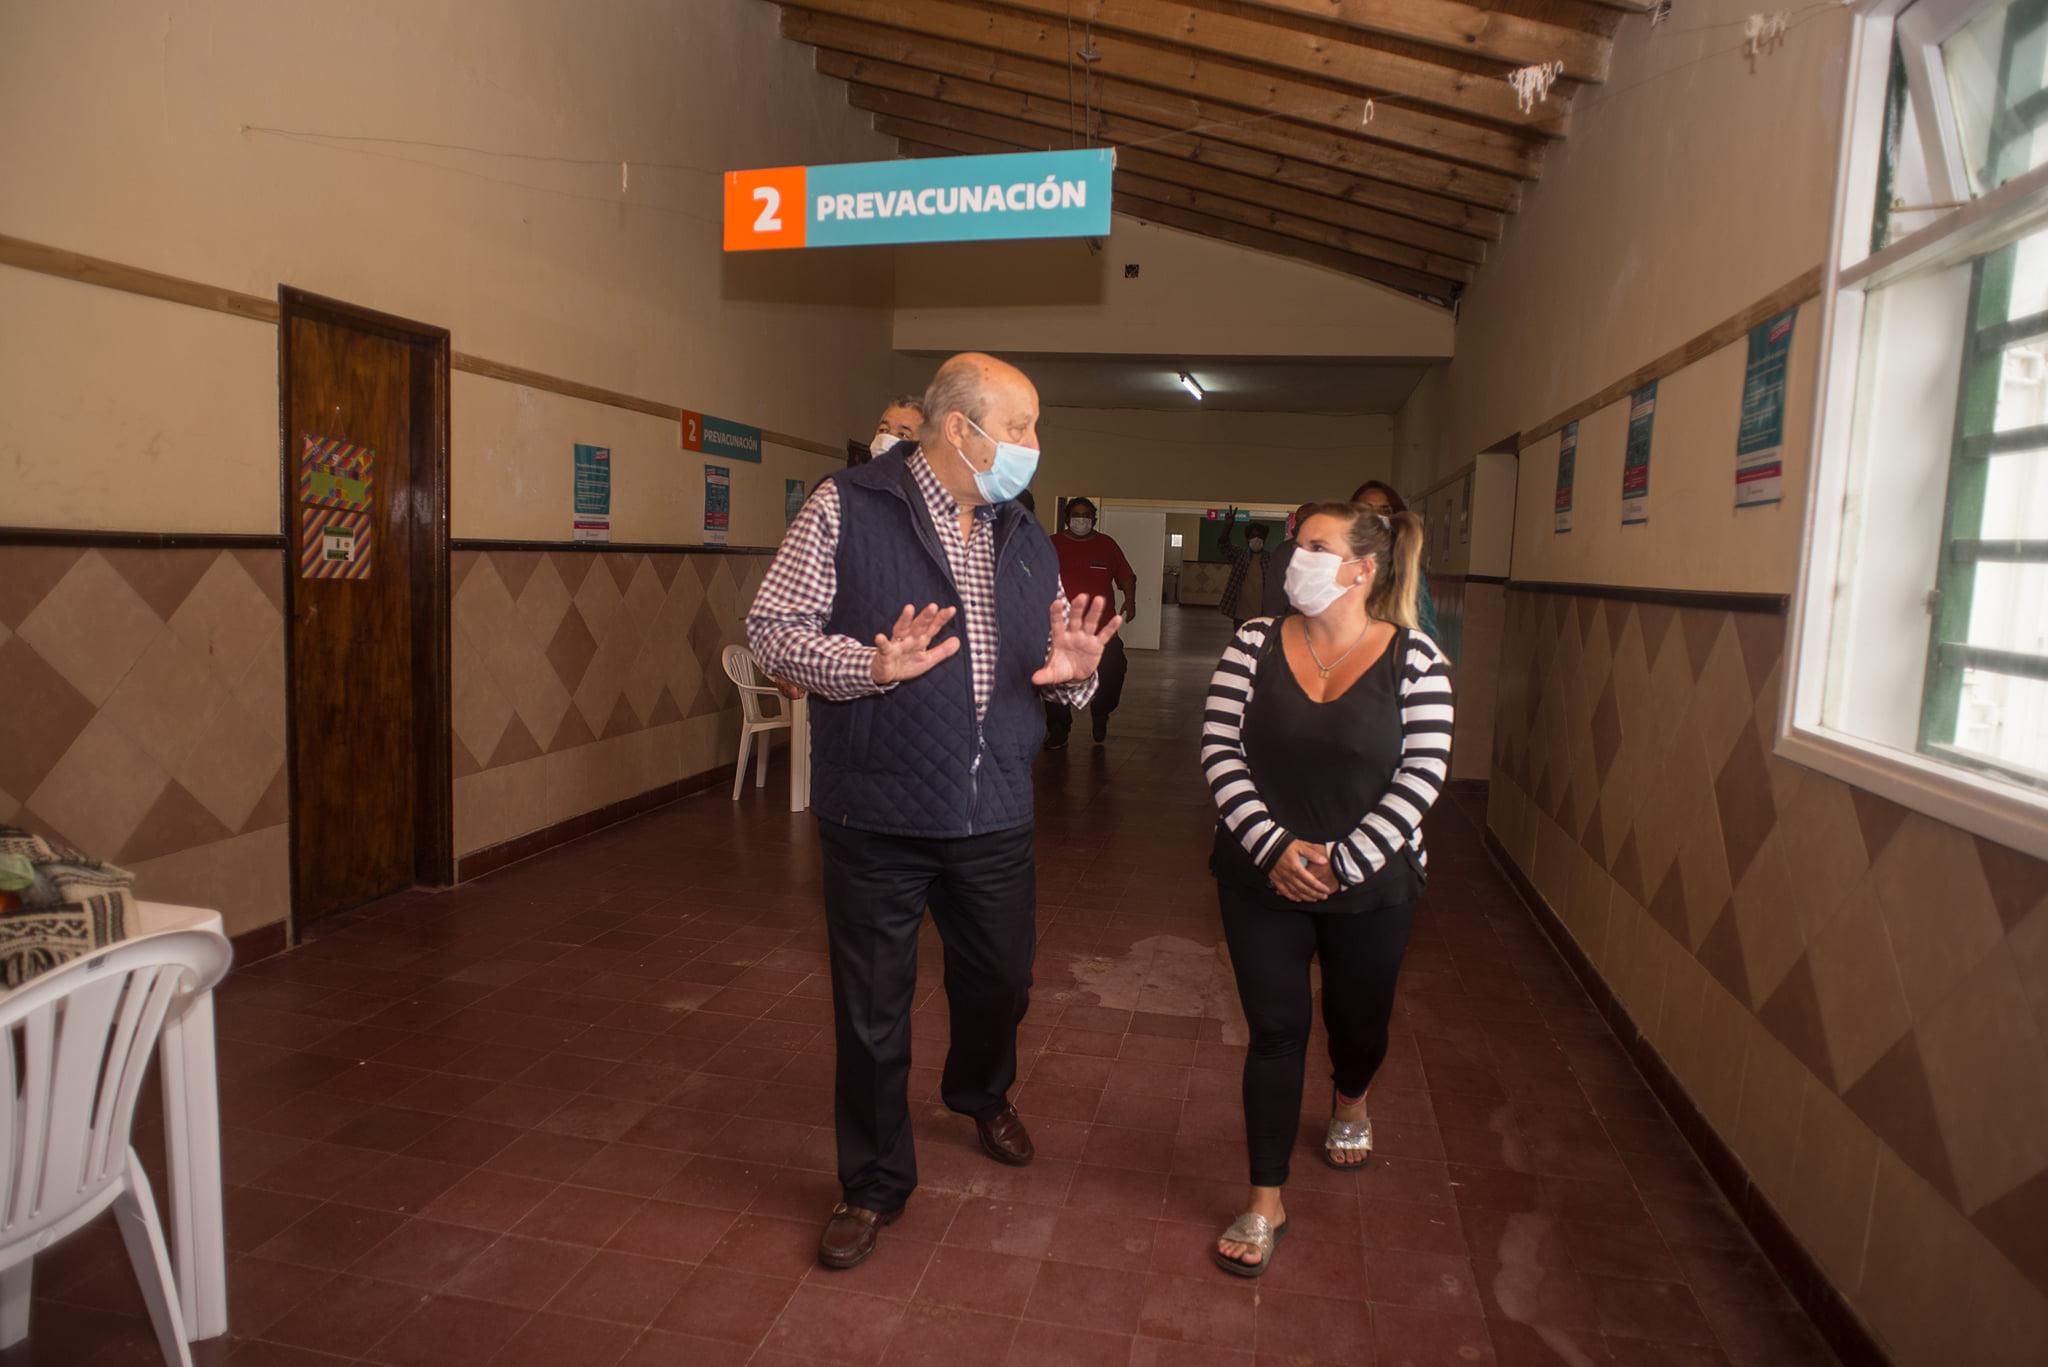 Paredi recorrió el centro de vacunación de la costa, ubicado en la Escuela N° 8